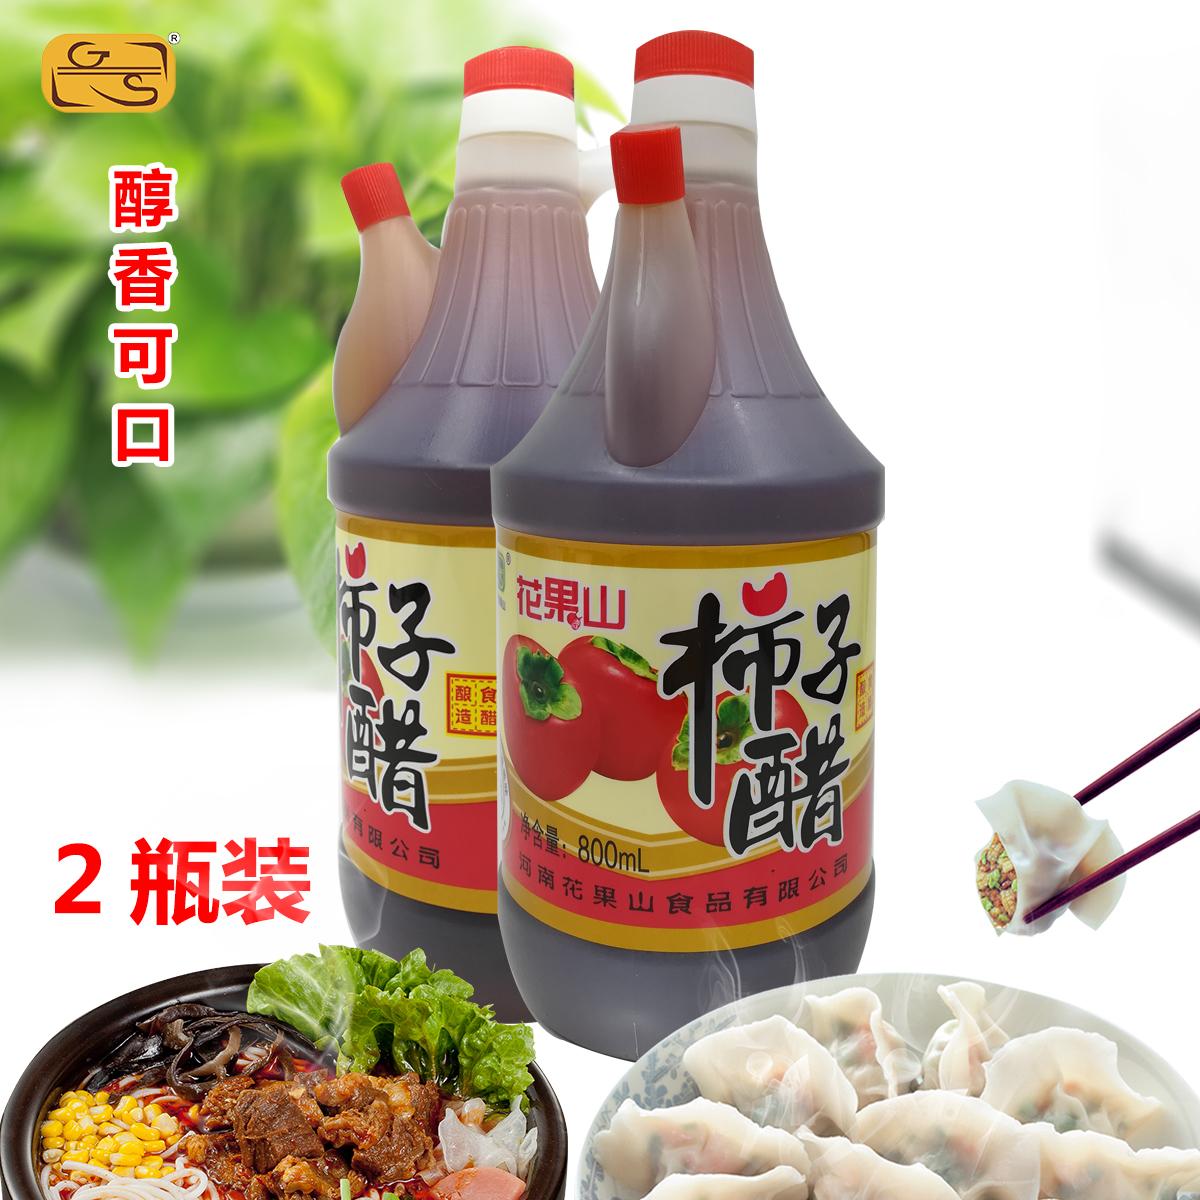 河南特产柿子醋无勾兑原汁醋2瓶装1600ml非农家自酿